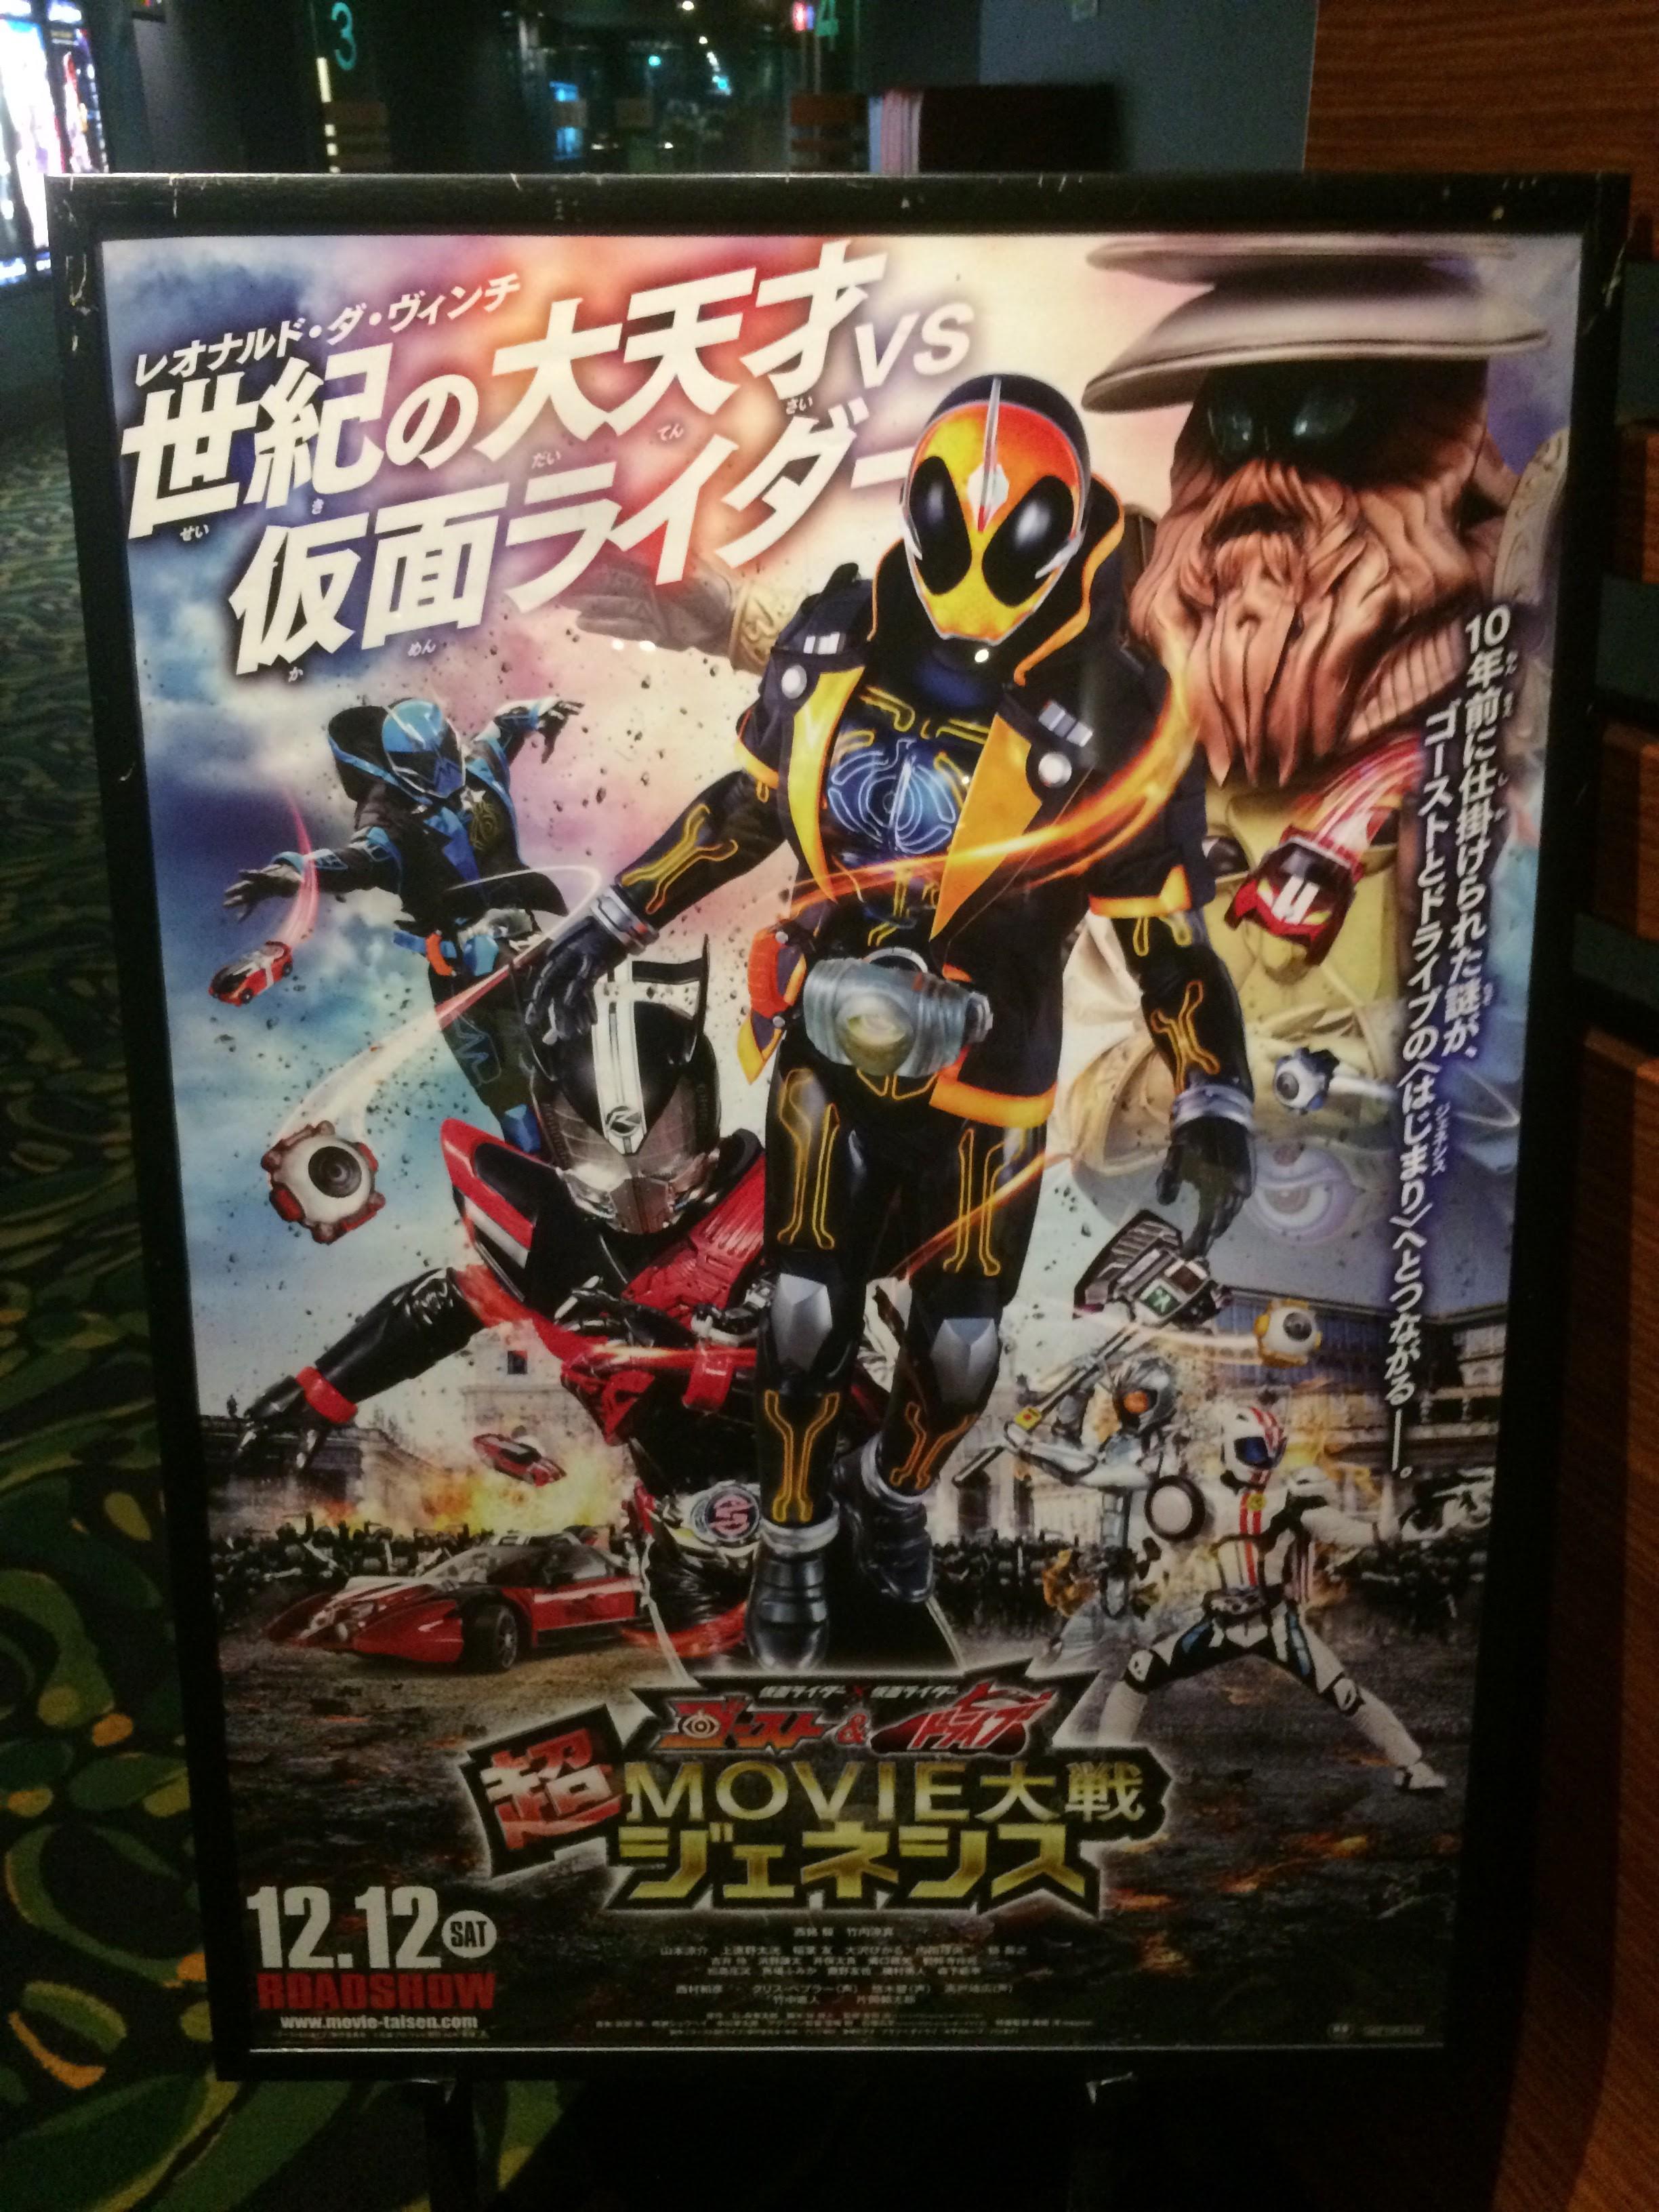 【感想】仮面ライダー×仮面ライダー ゴースト&ドライブ 超MOVIE大戦ジェネシス